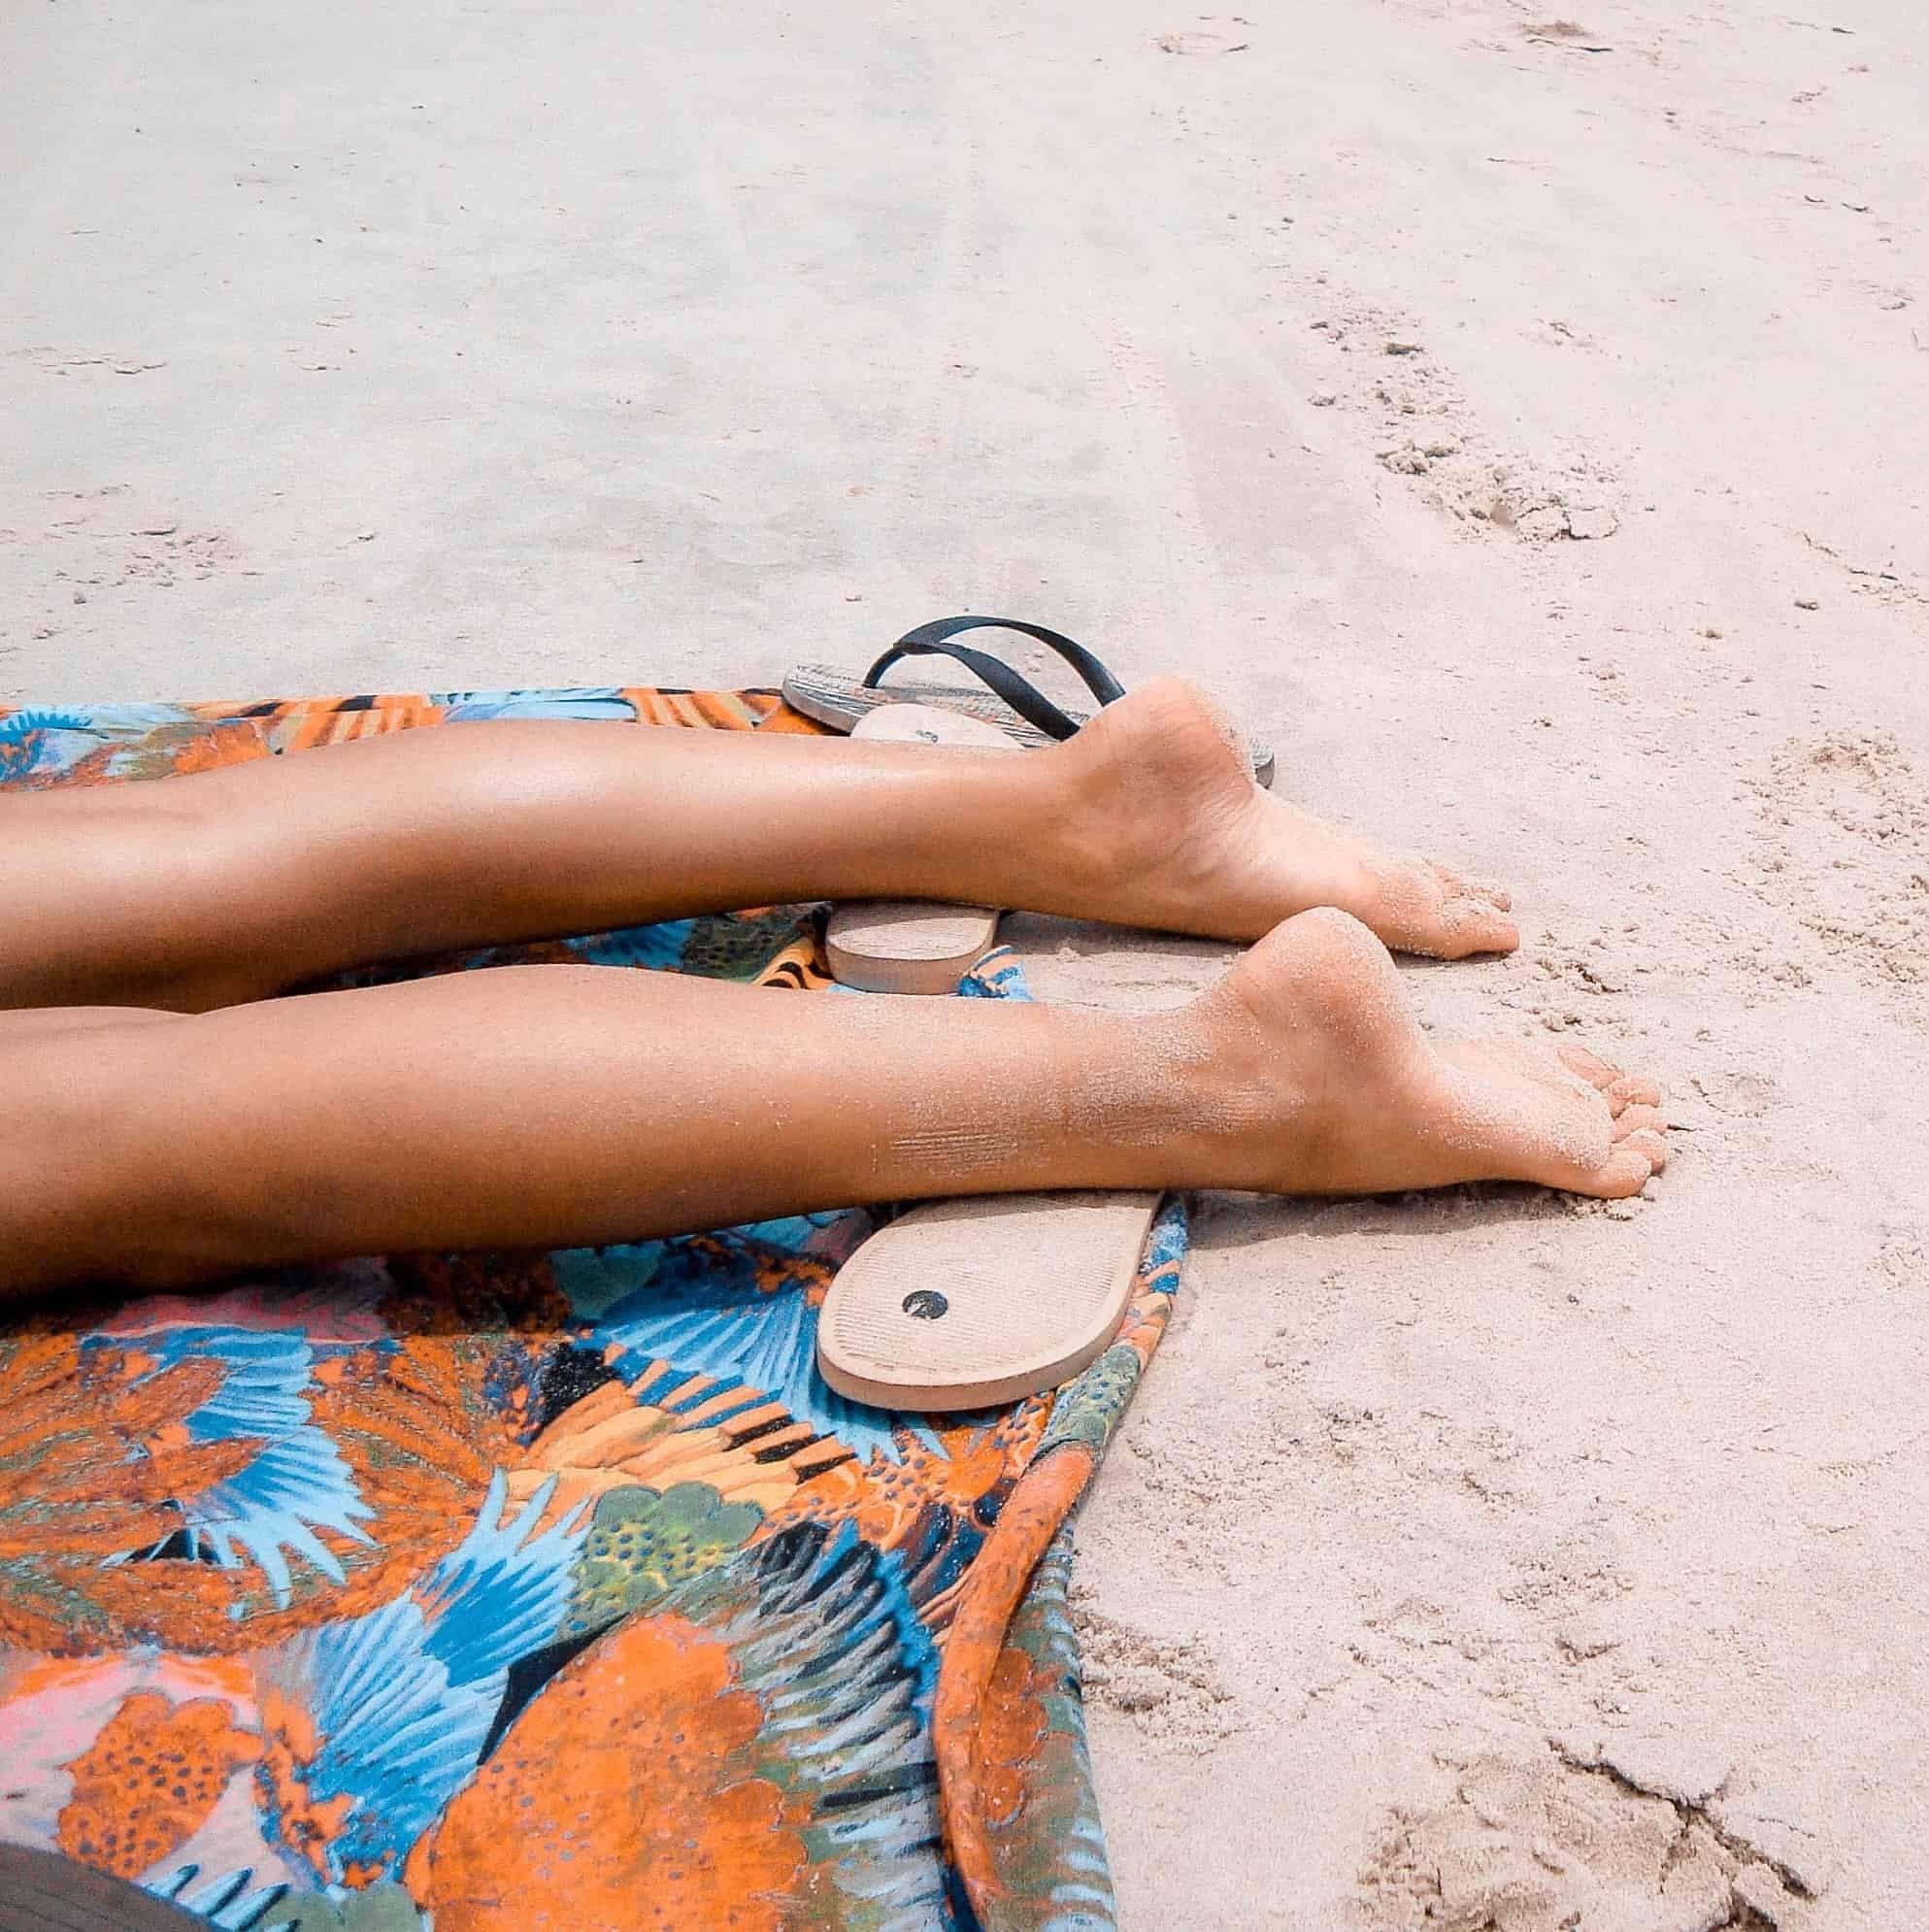 Sandales sur la plage